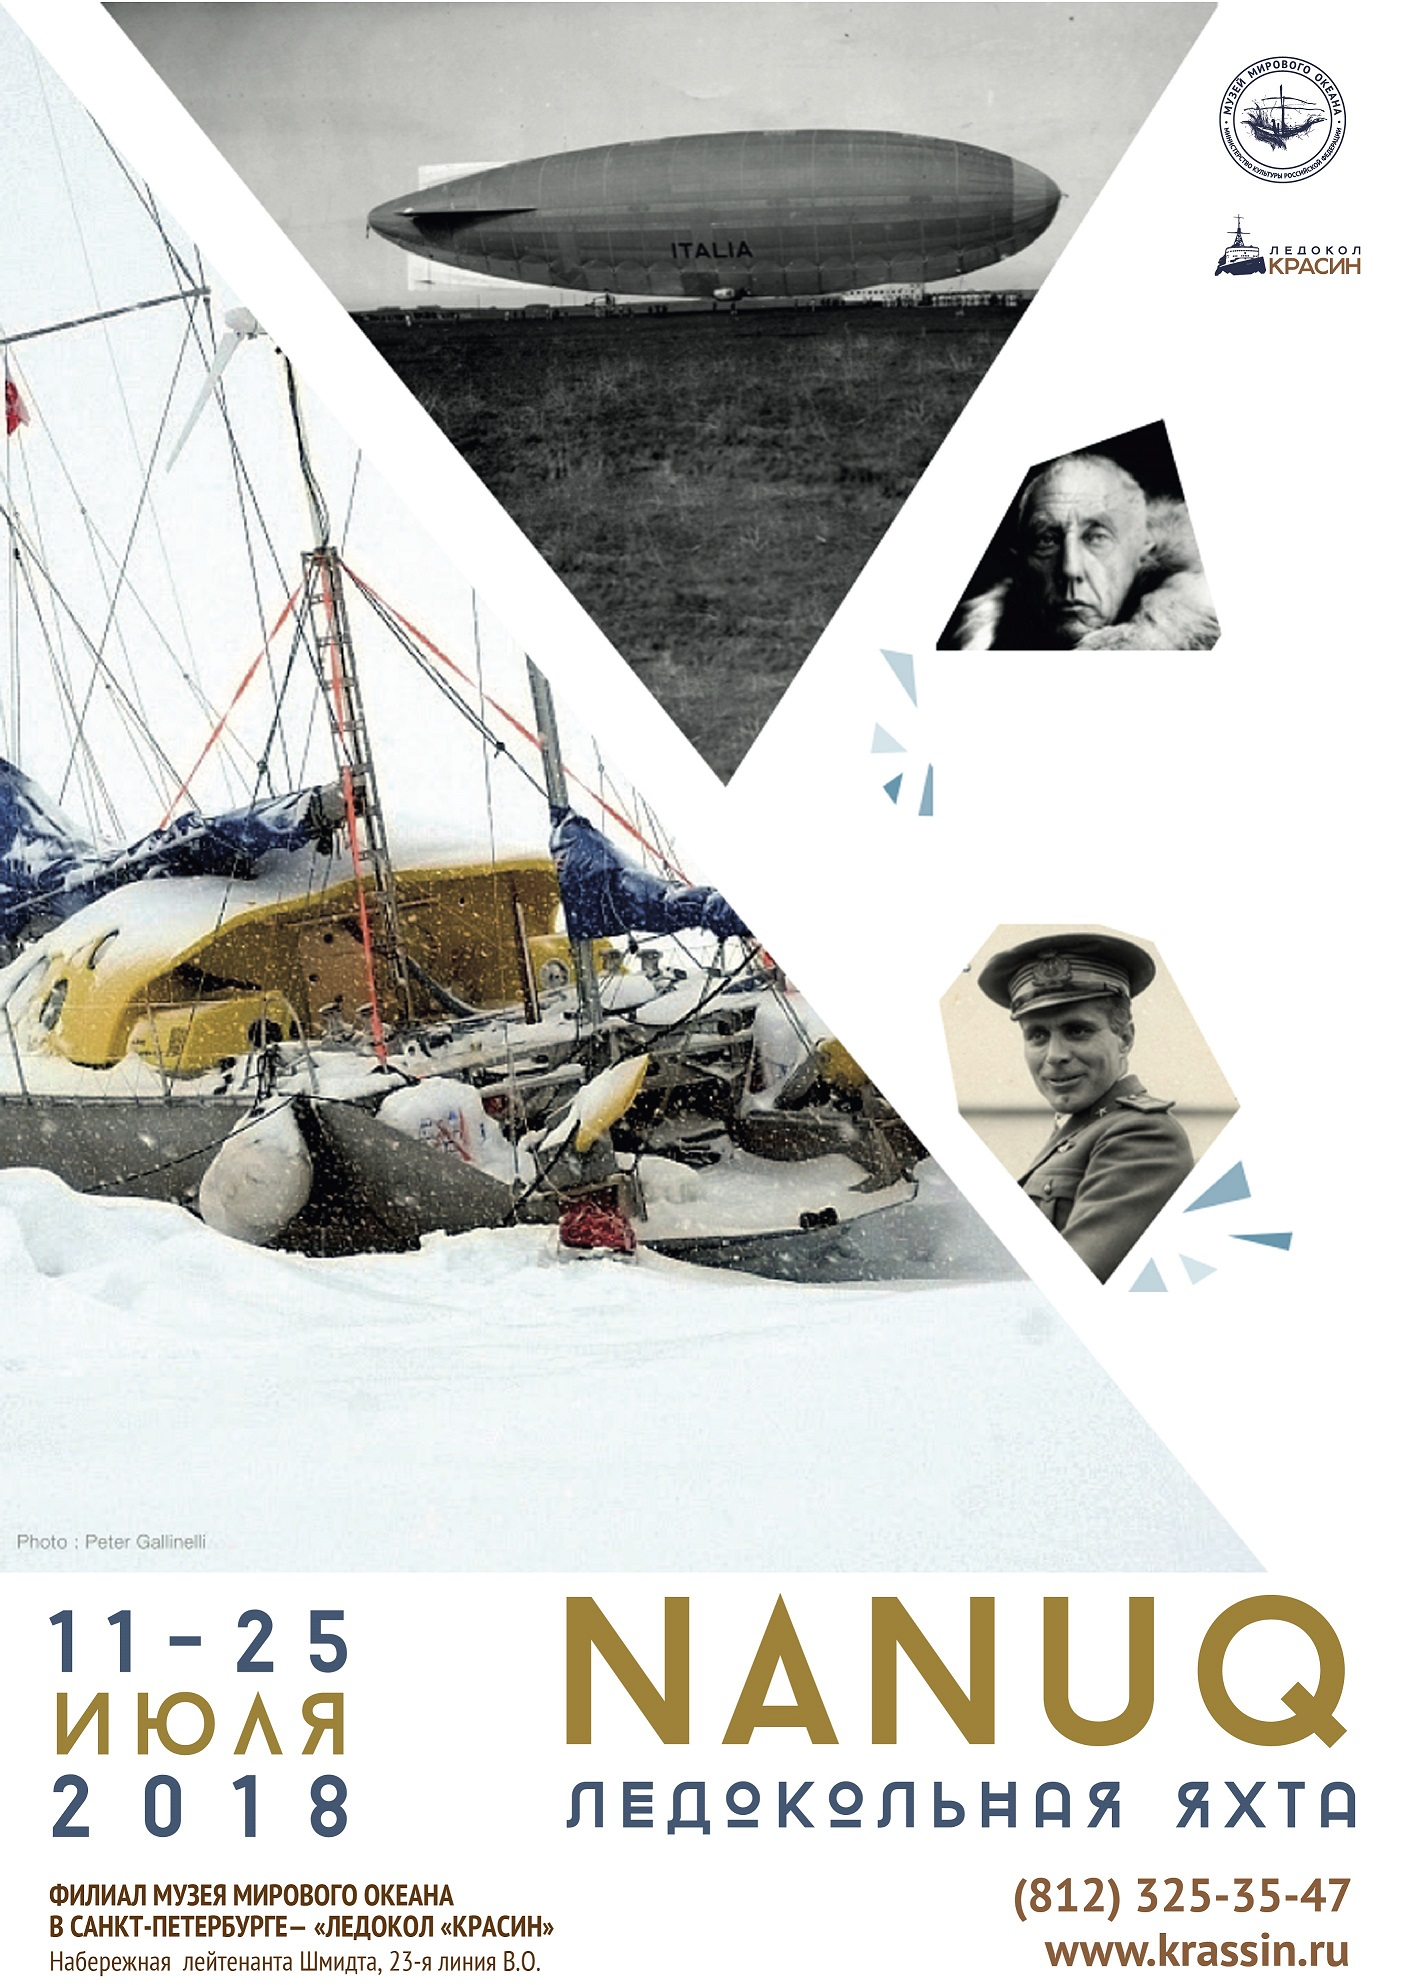 «Ледокольная яхта «NANUQ», 11-25 июля 2018 года